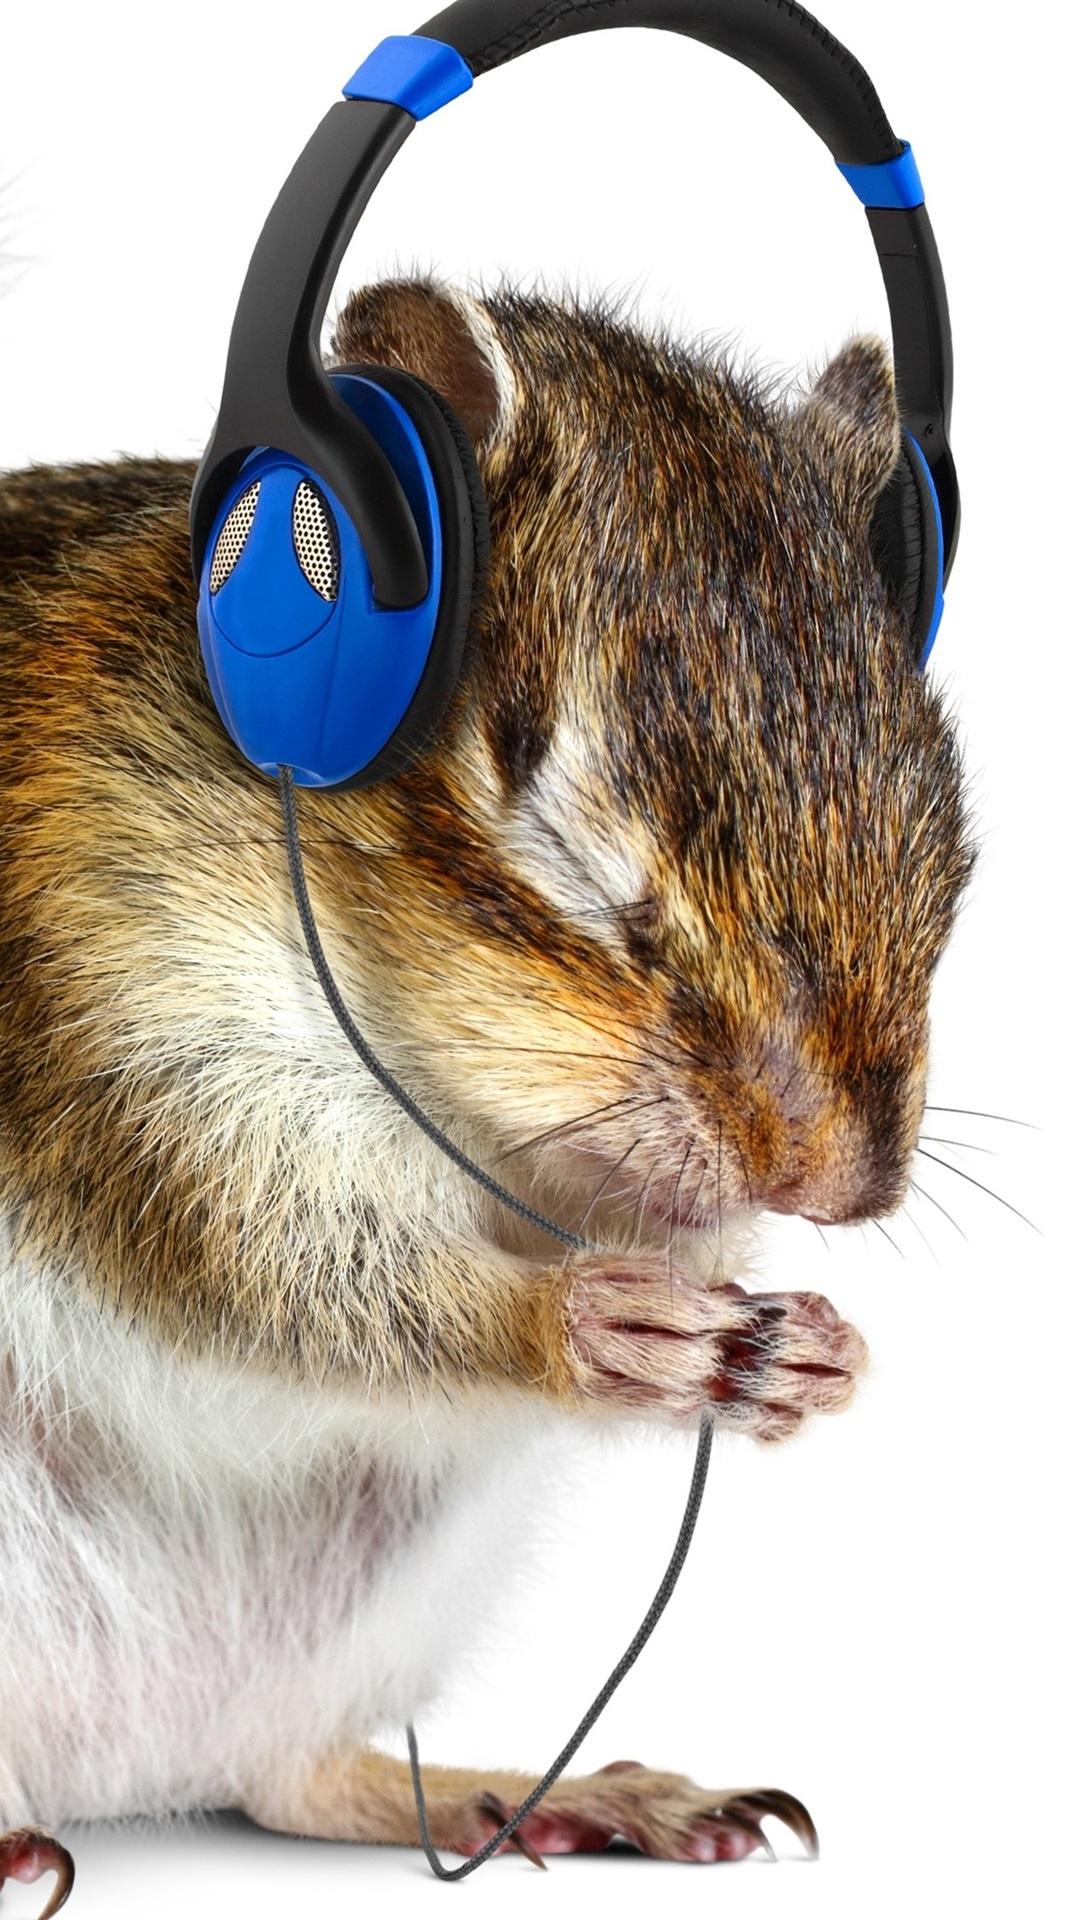 壁紙 おかしい動物 リス 音楽を聞く ヘッドホン 3840x2160 Uhd 4k